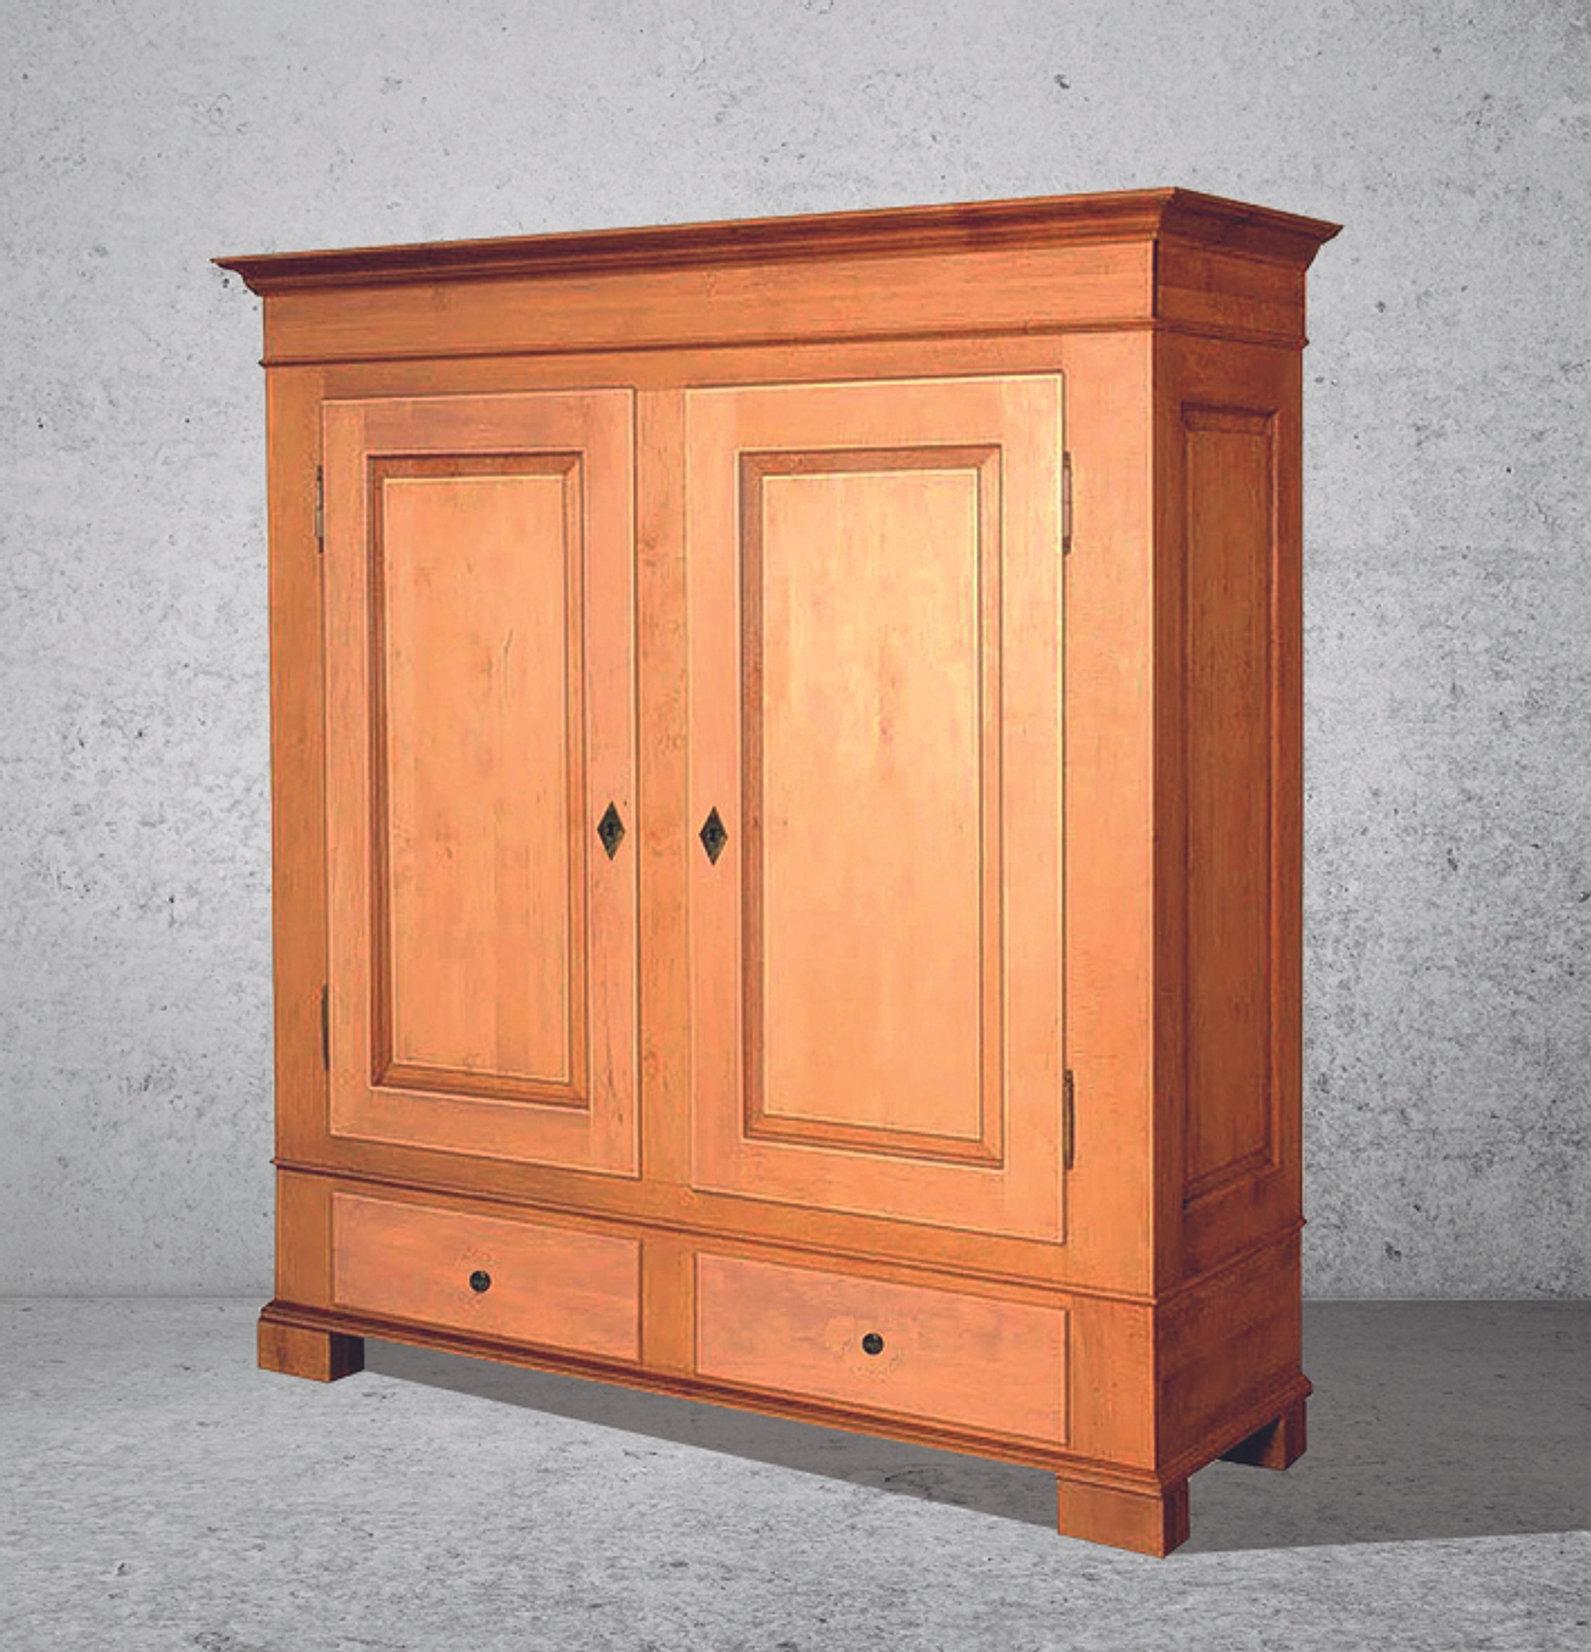 klassische m bel in handwerklicher perfektion. Black Bedroom Furniture Sets. Home Design Ideas